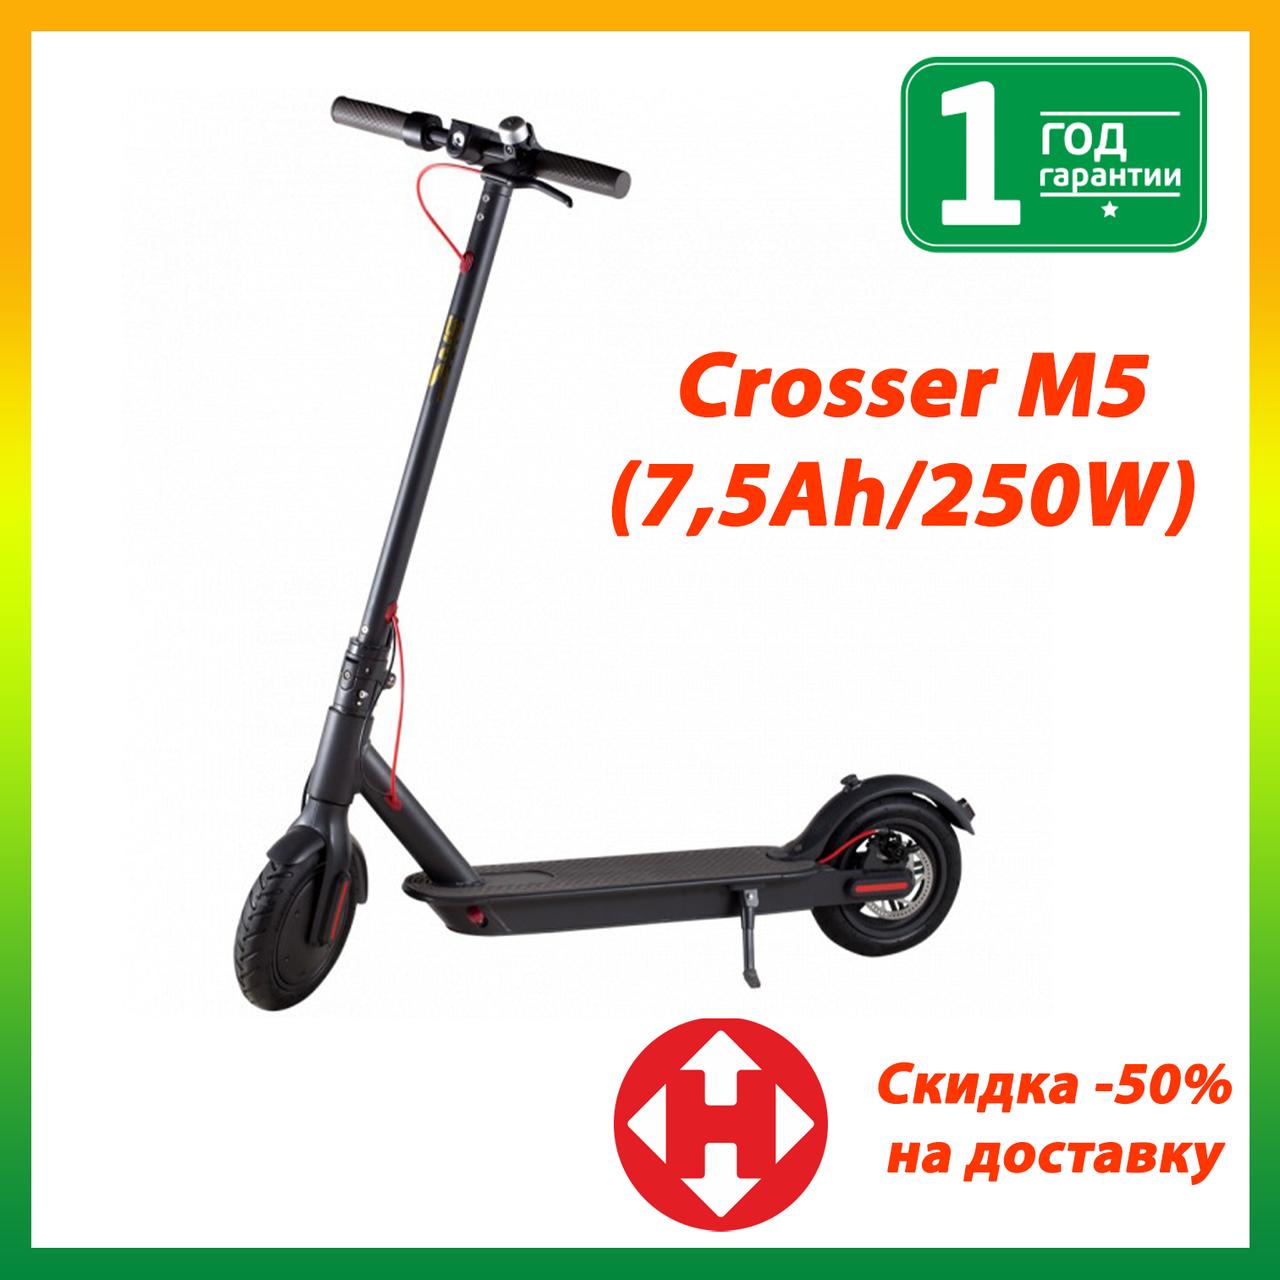 Электросамокат Crosser M5 (7,5Ah/250W)  Черный Елетросамокат Кросер М5